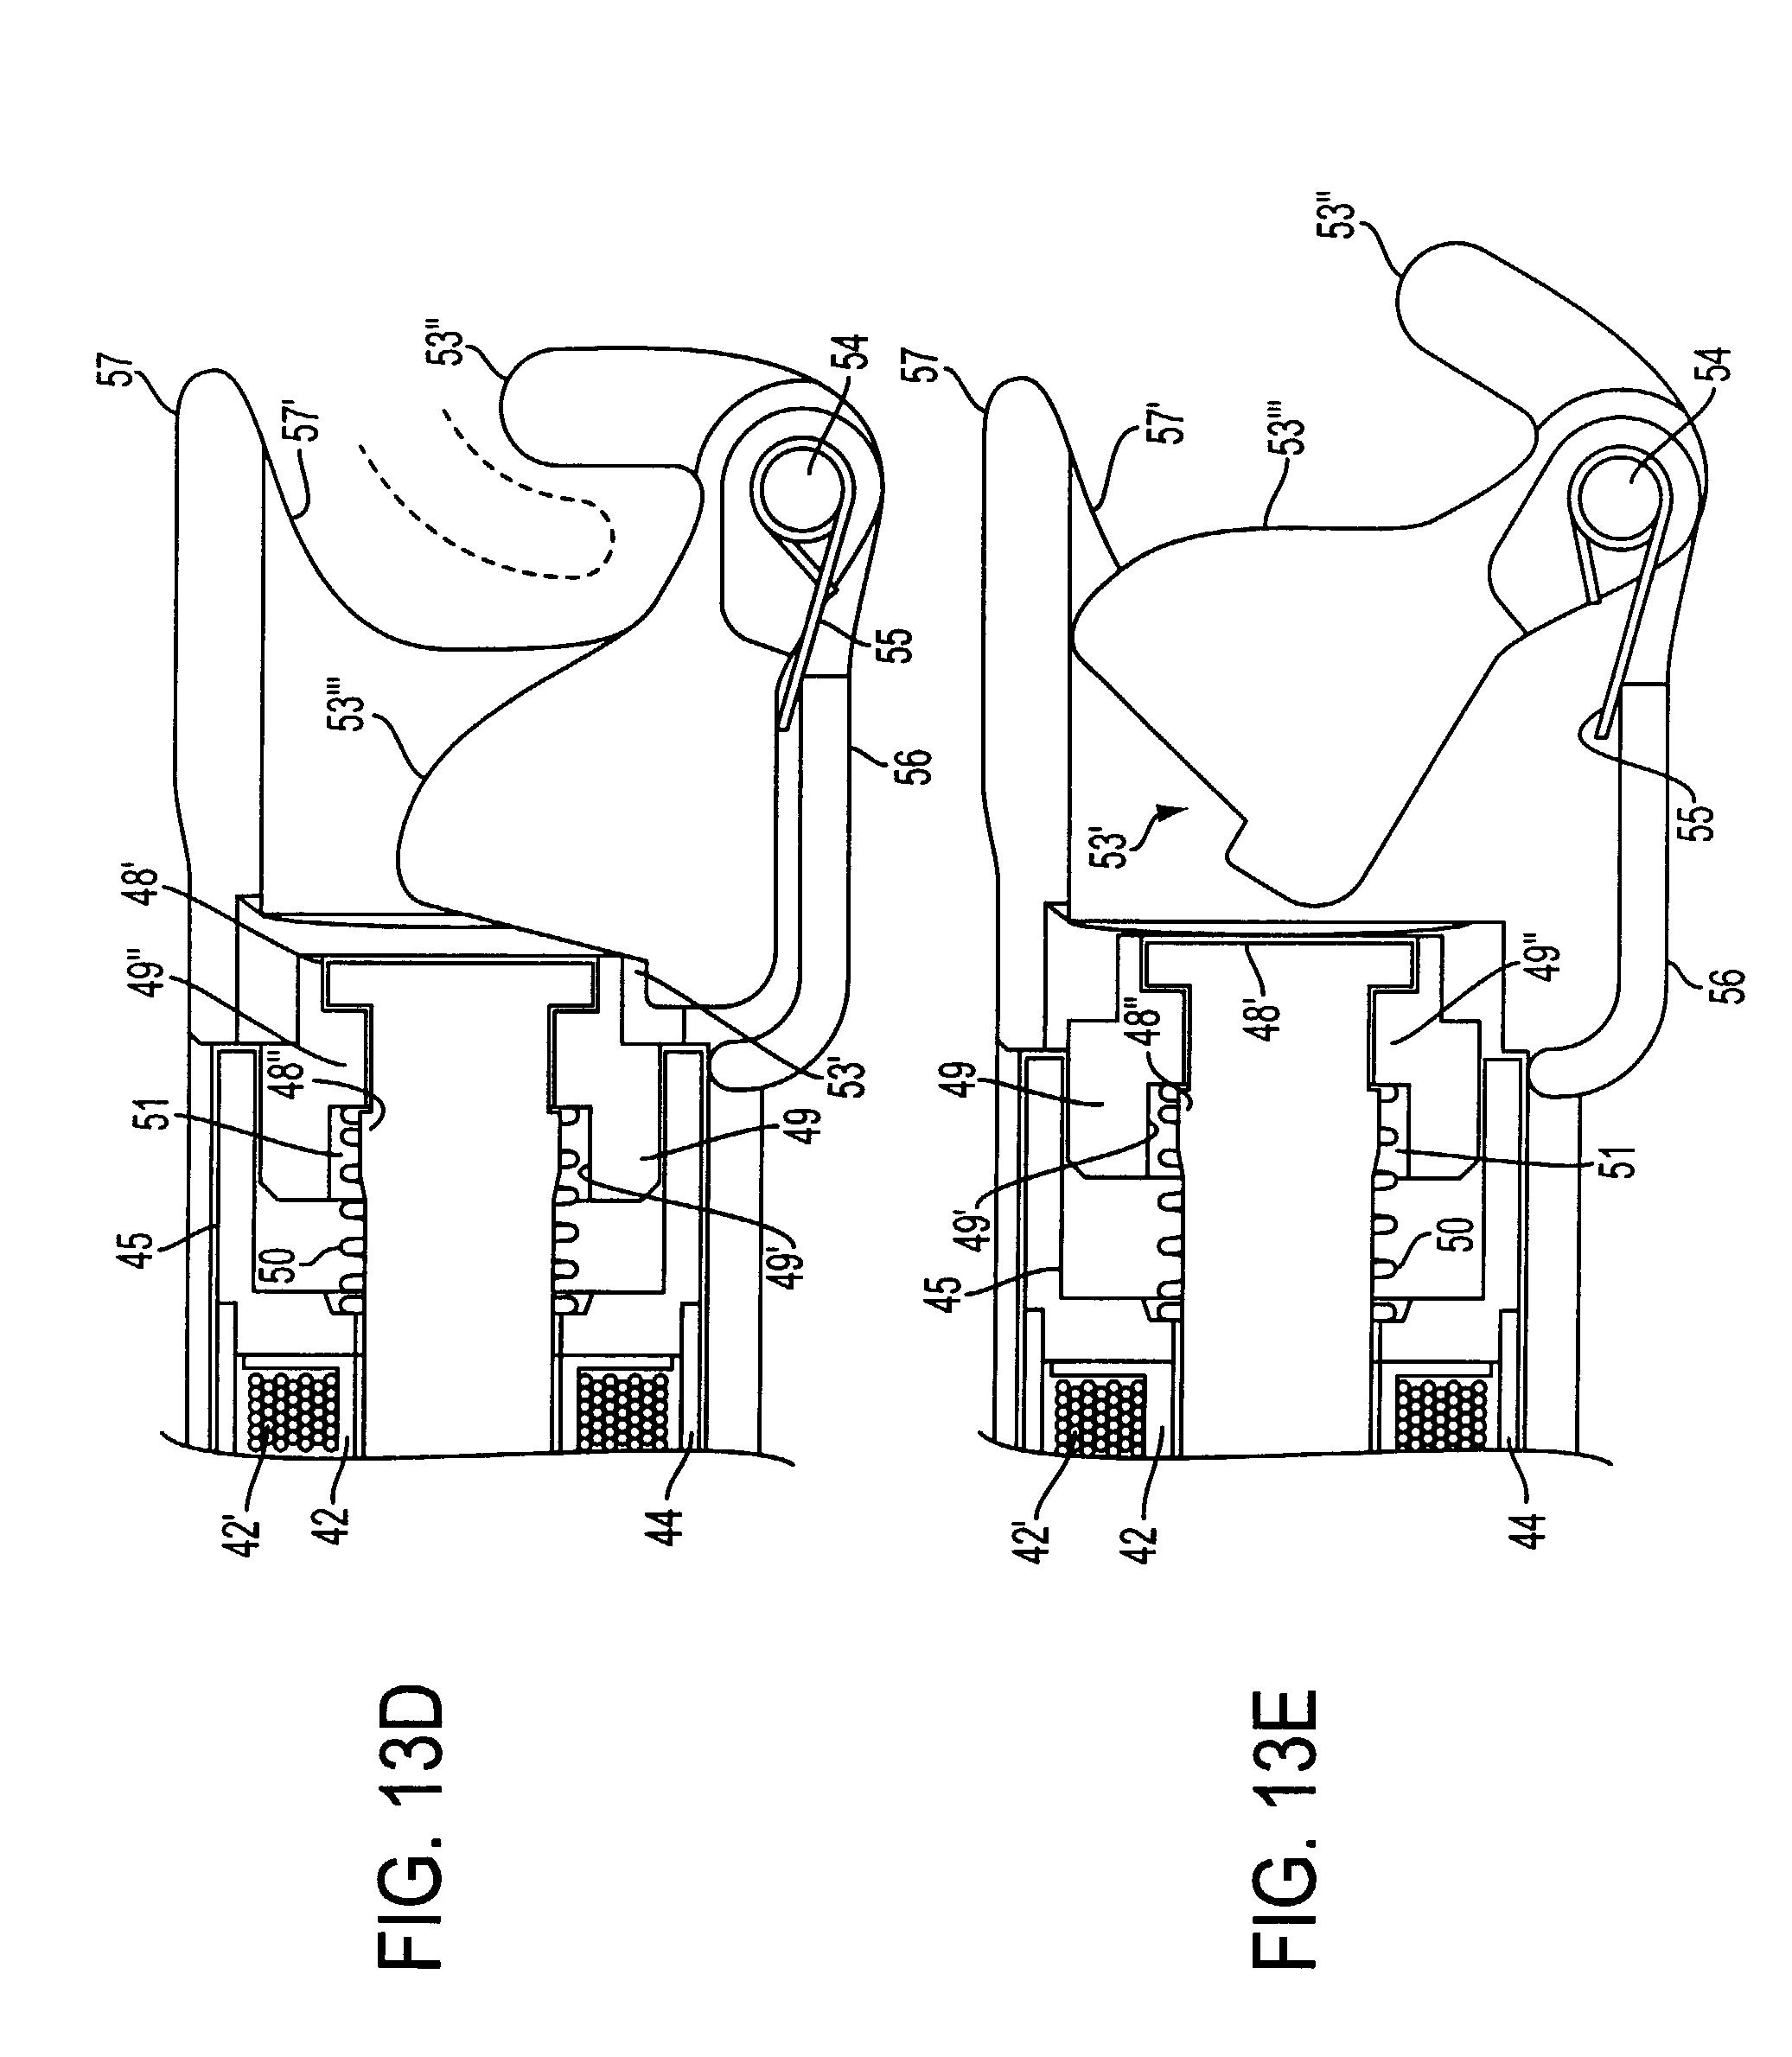 modeltraindccwiring218